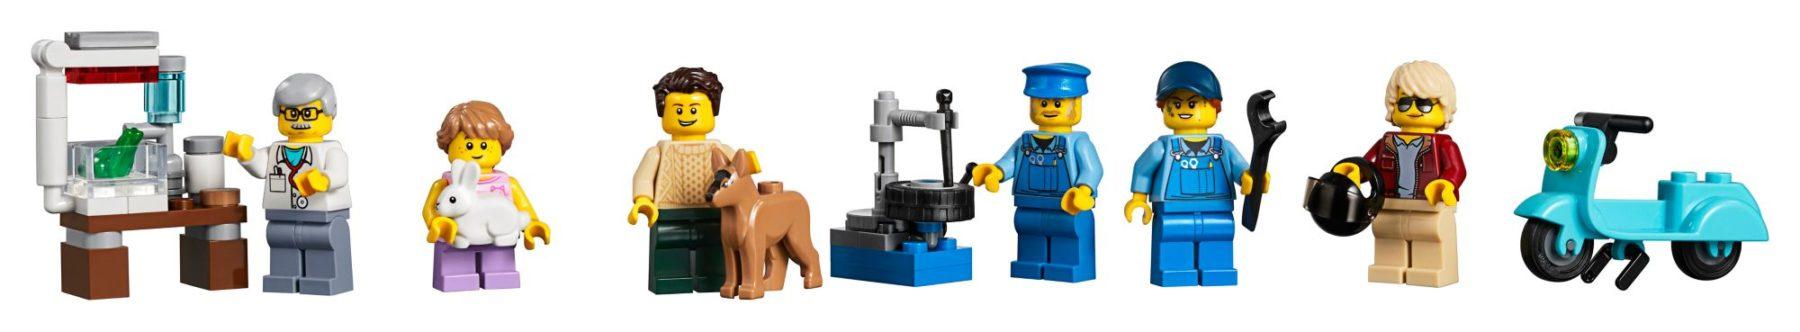 LEGO 10264 Eckgarage Modular Building: Minifiguren